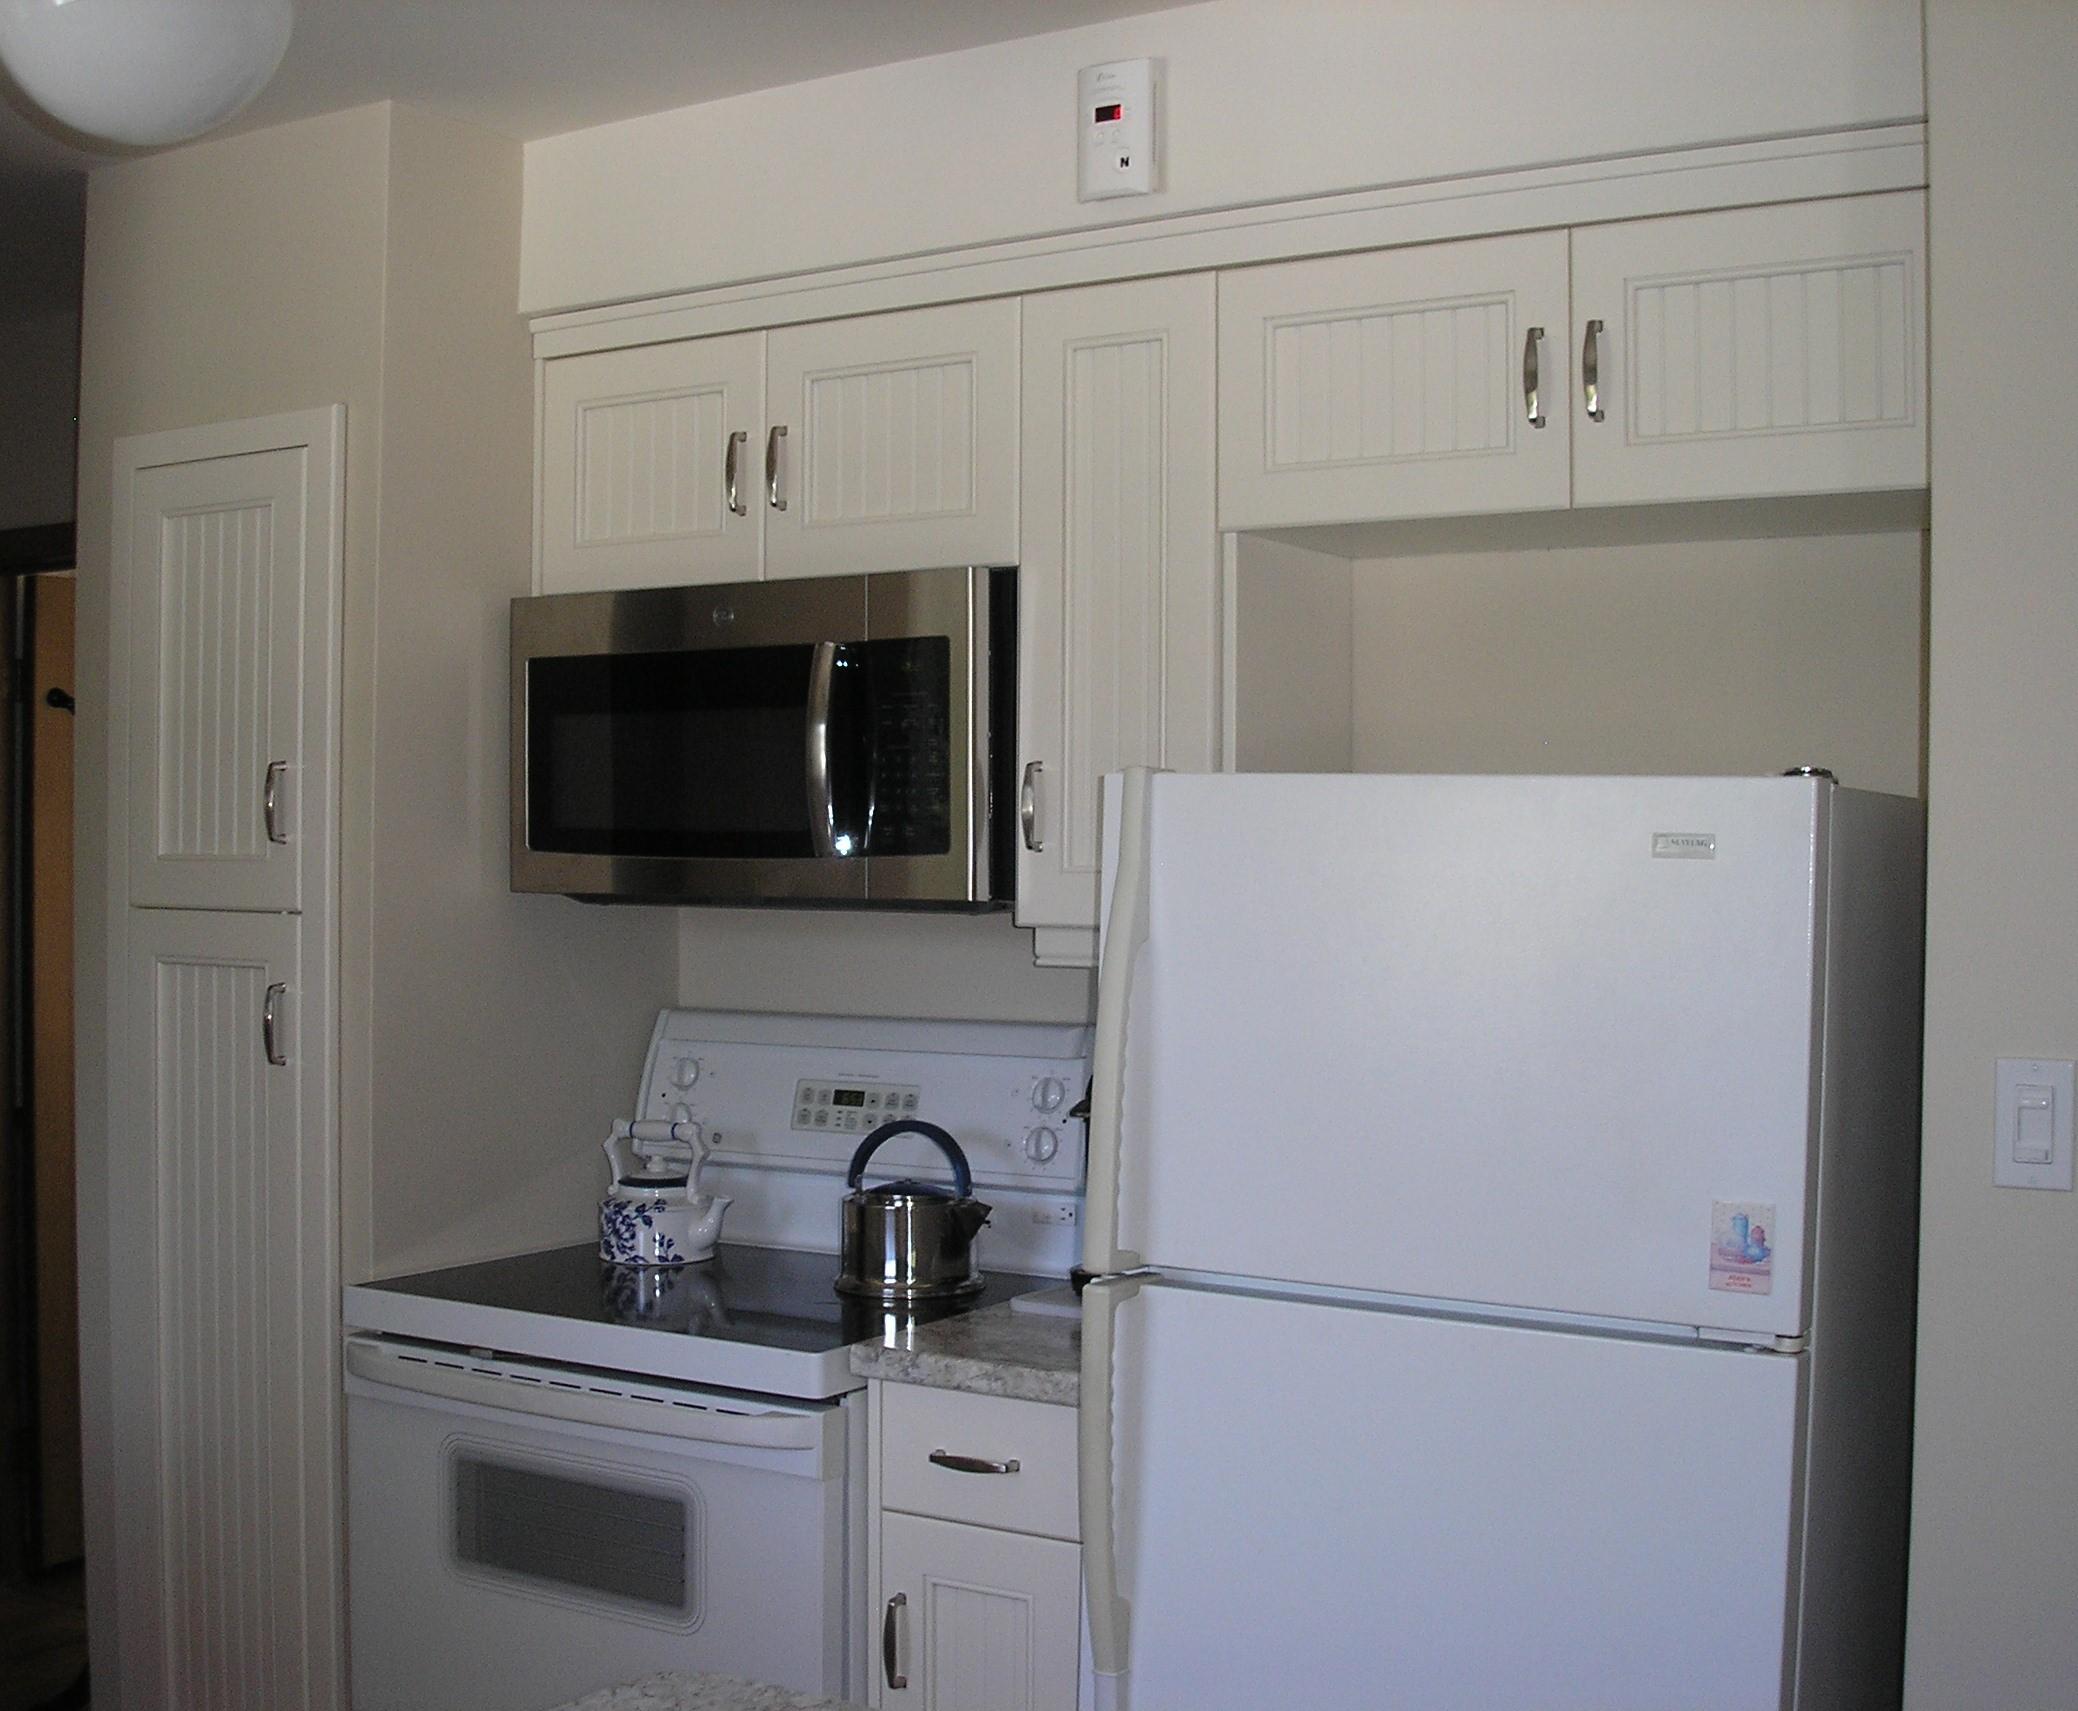 Kitchen Reno - Stove & Fridge